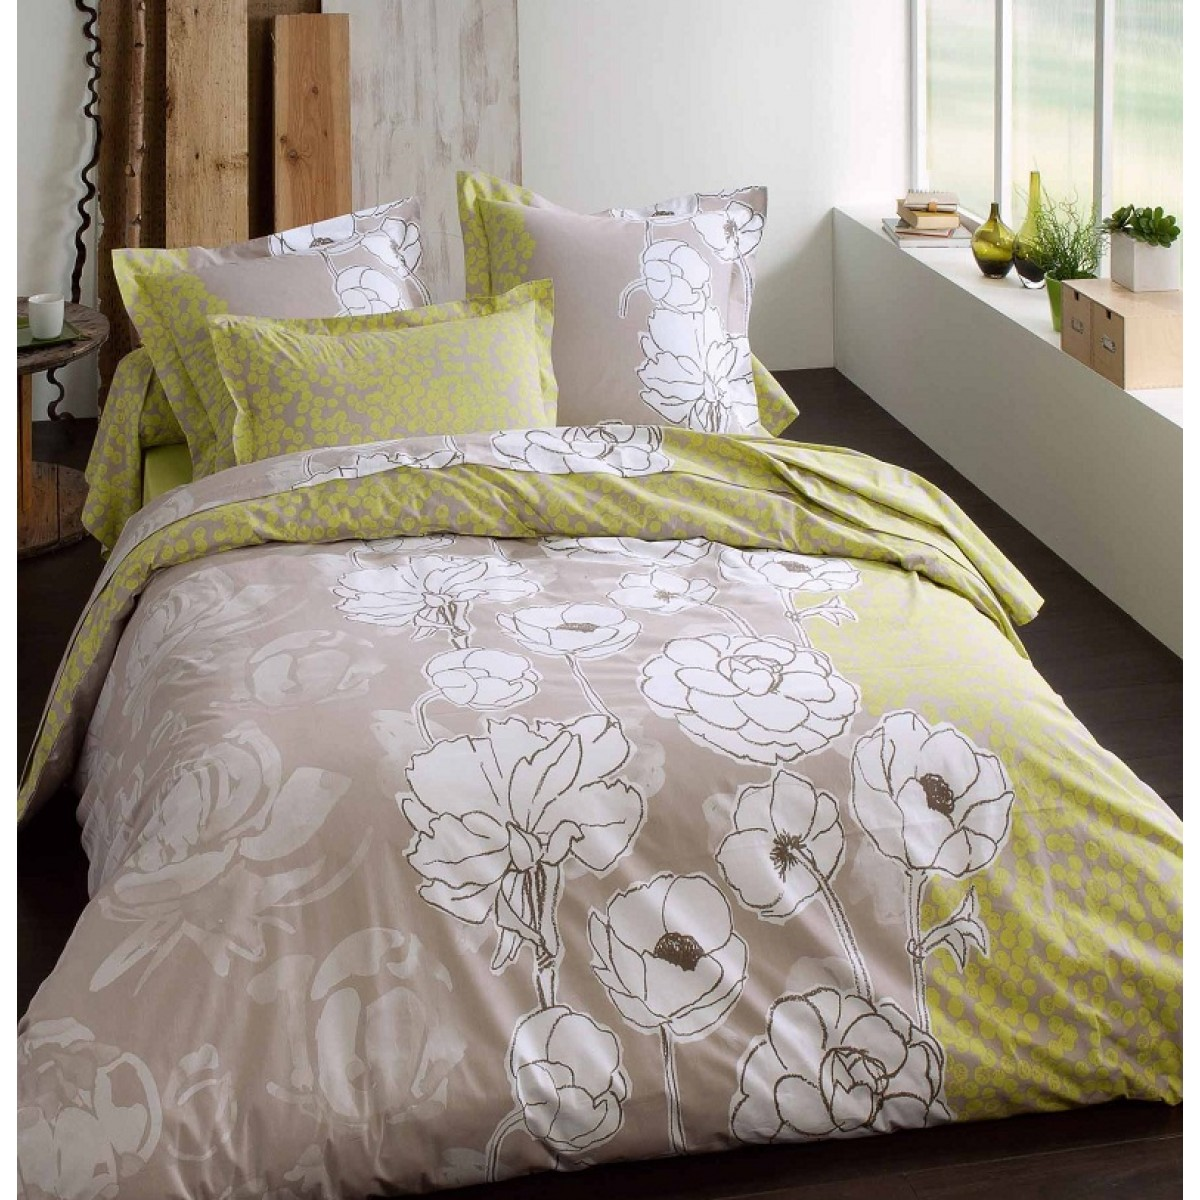 tradilinge linge de lit hdc 200x200 uefa aerial. Black Bedroom Furniture Sets. Home Design Ideas